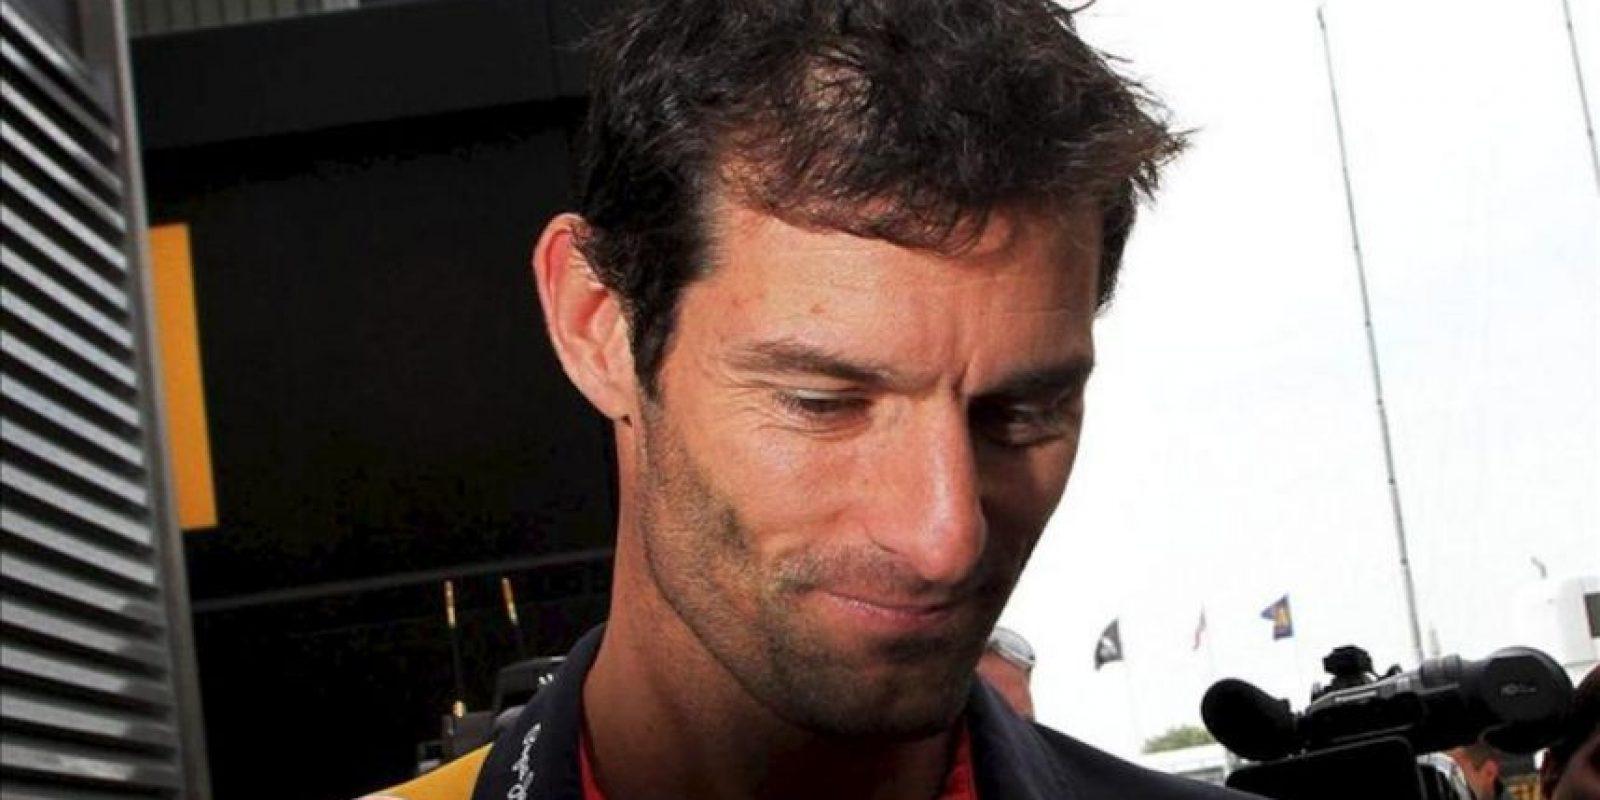 El piloto australiano de Fórmula Uno Mark Webber (Red Bull) camina en el 'paddock' de la pista de Silverstone. EFE